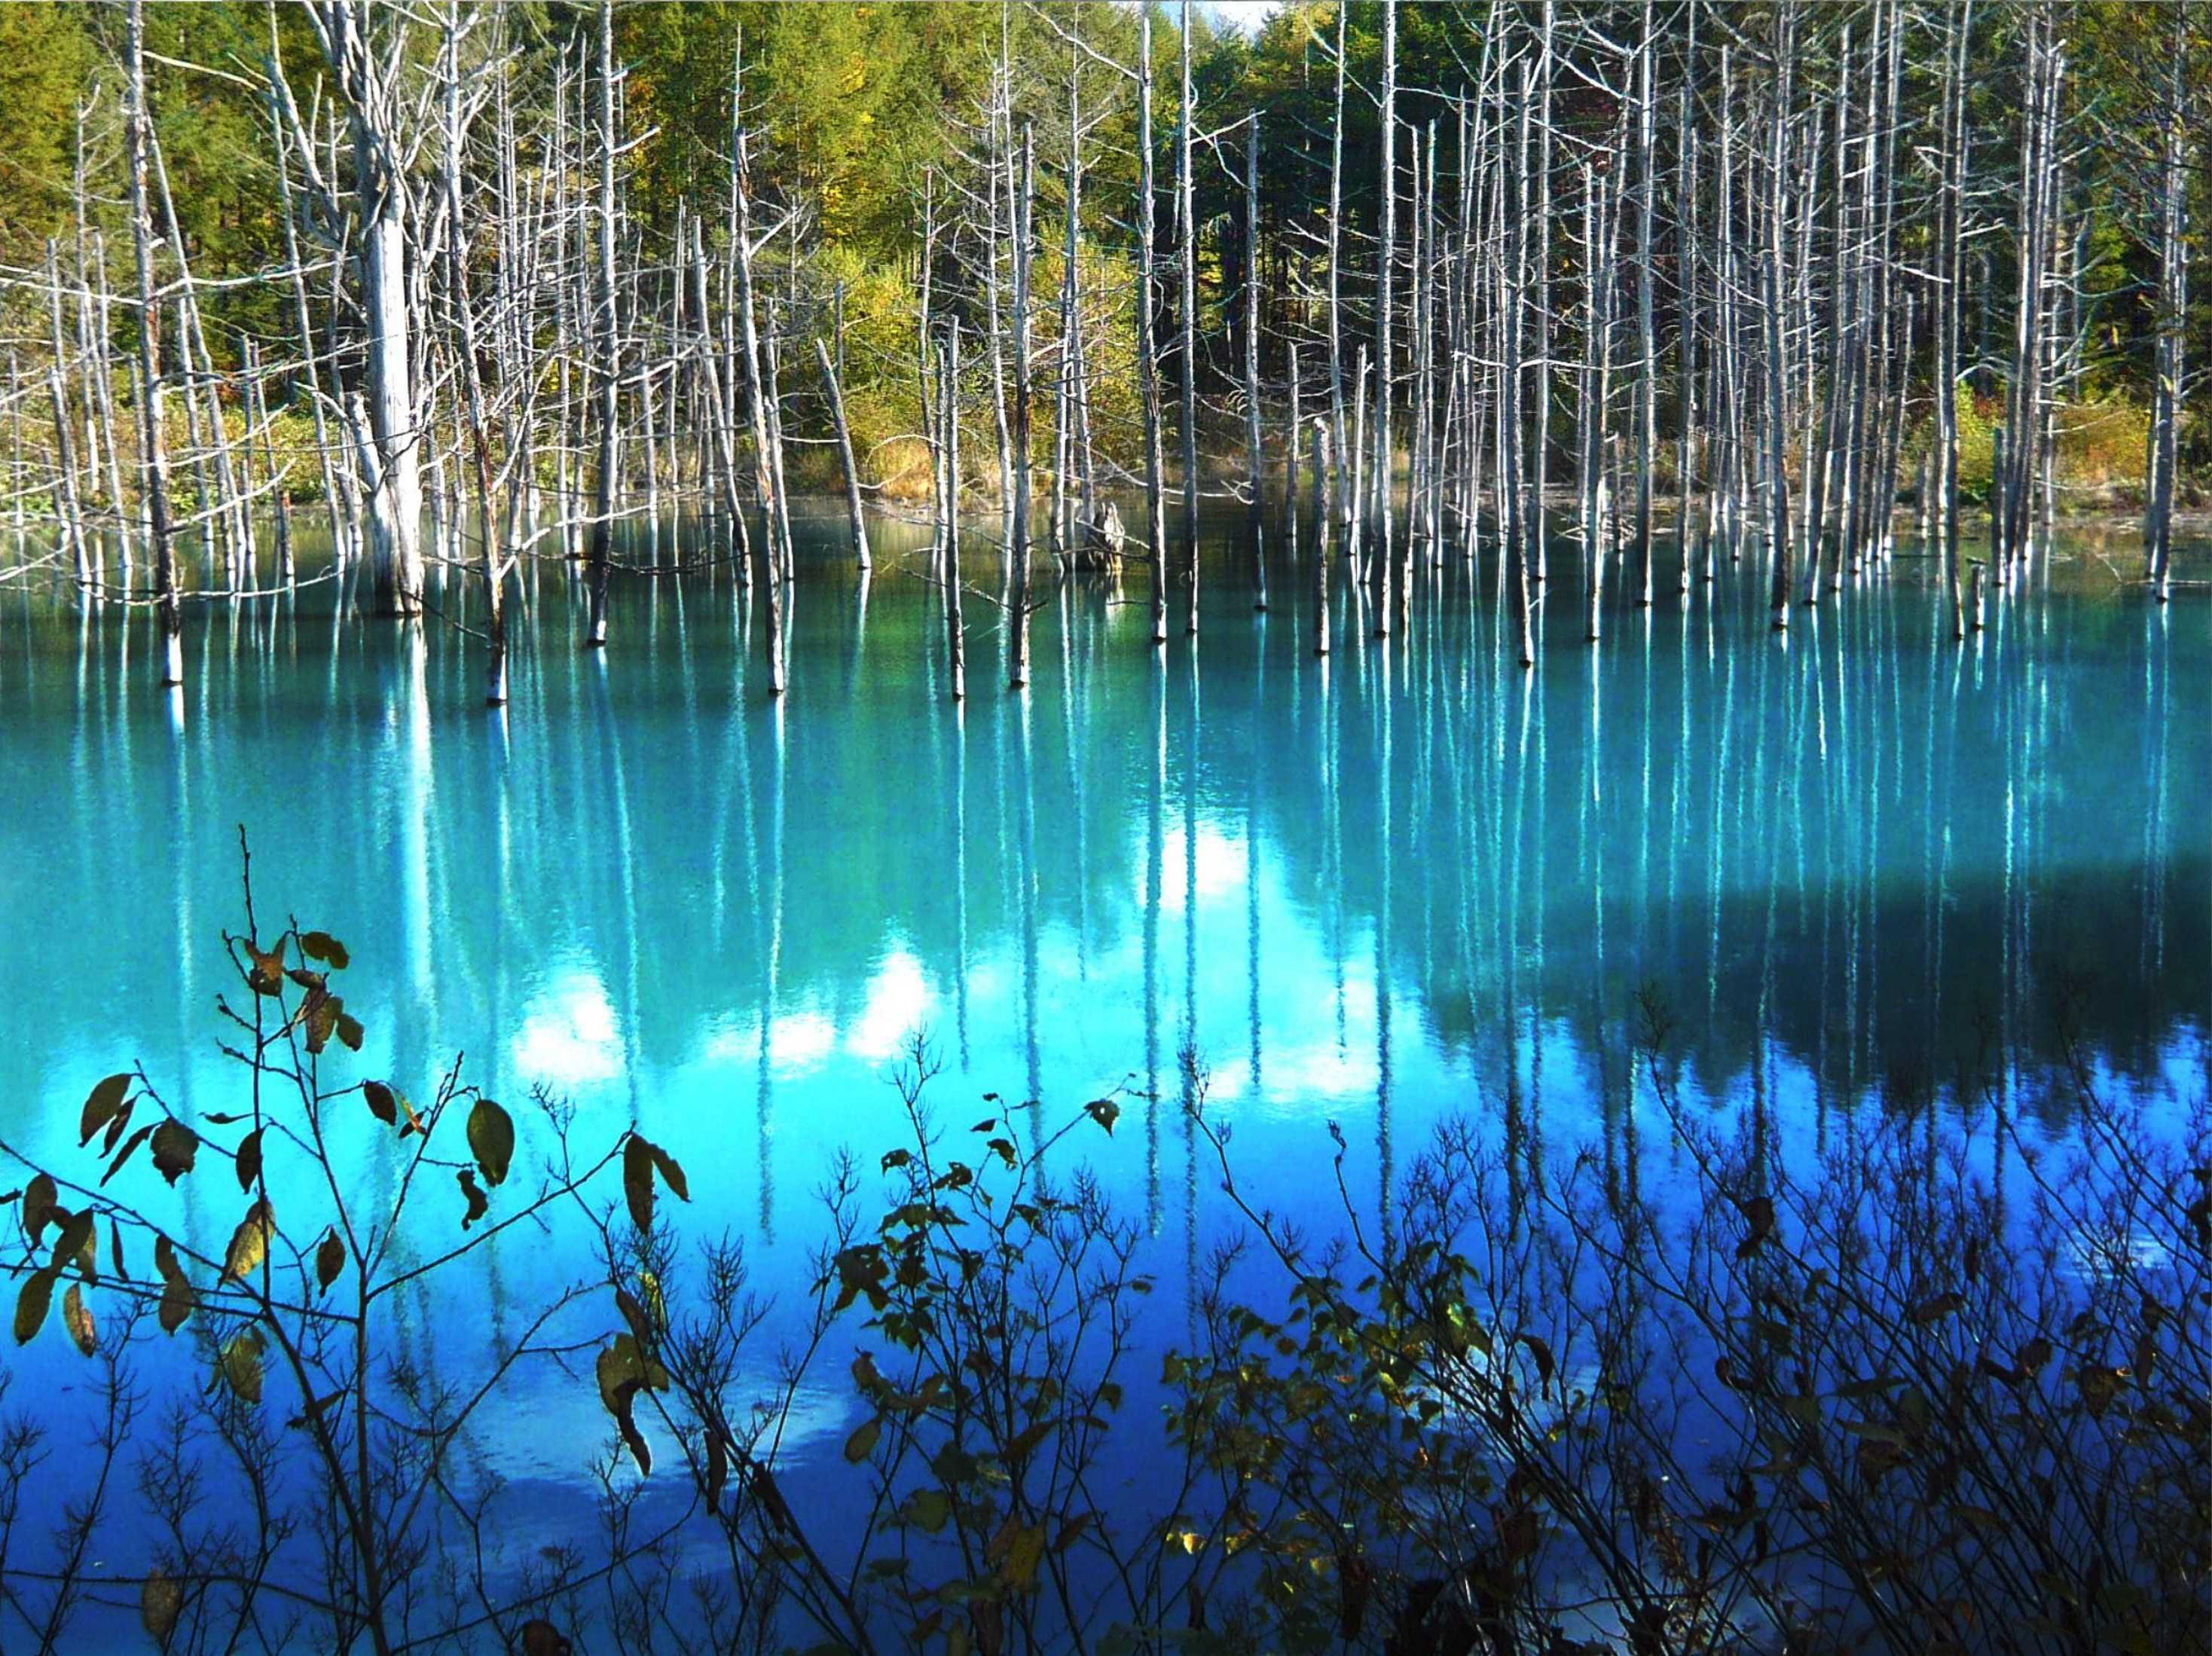 青い池のメイン画像